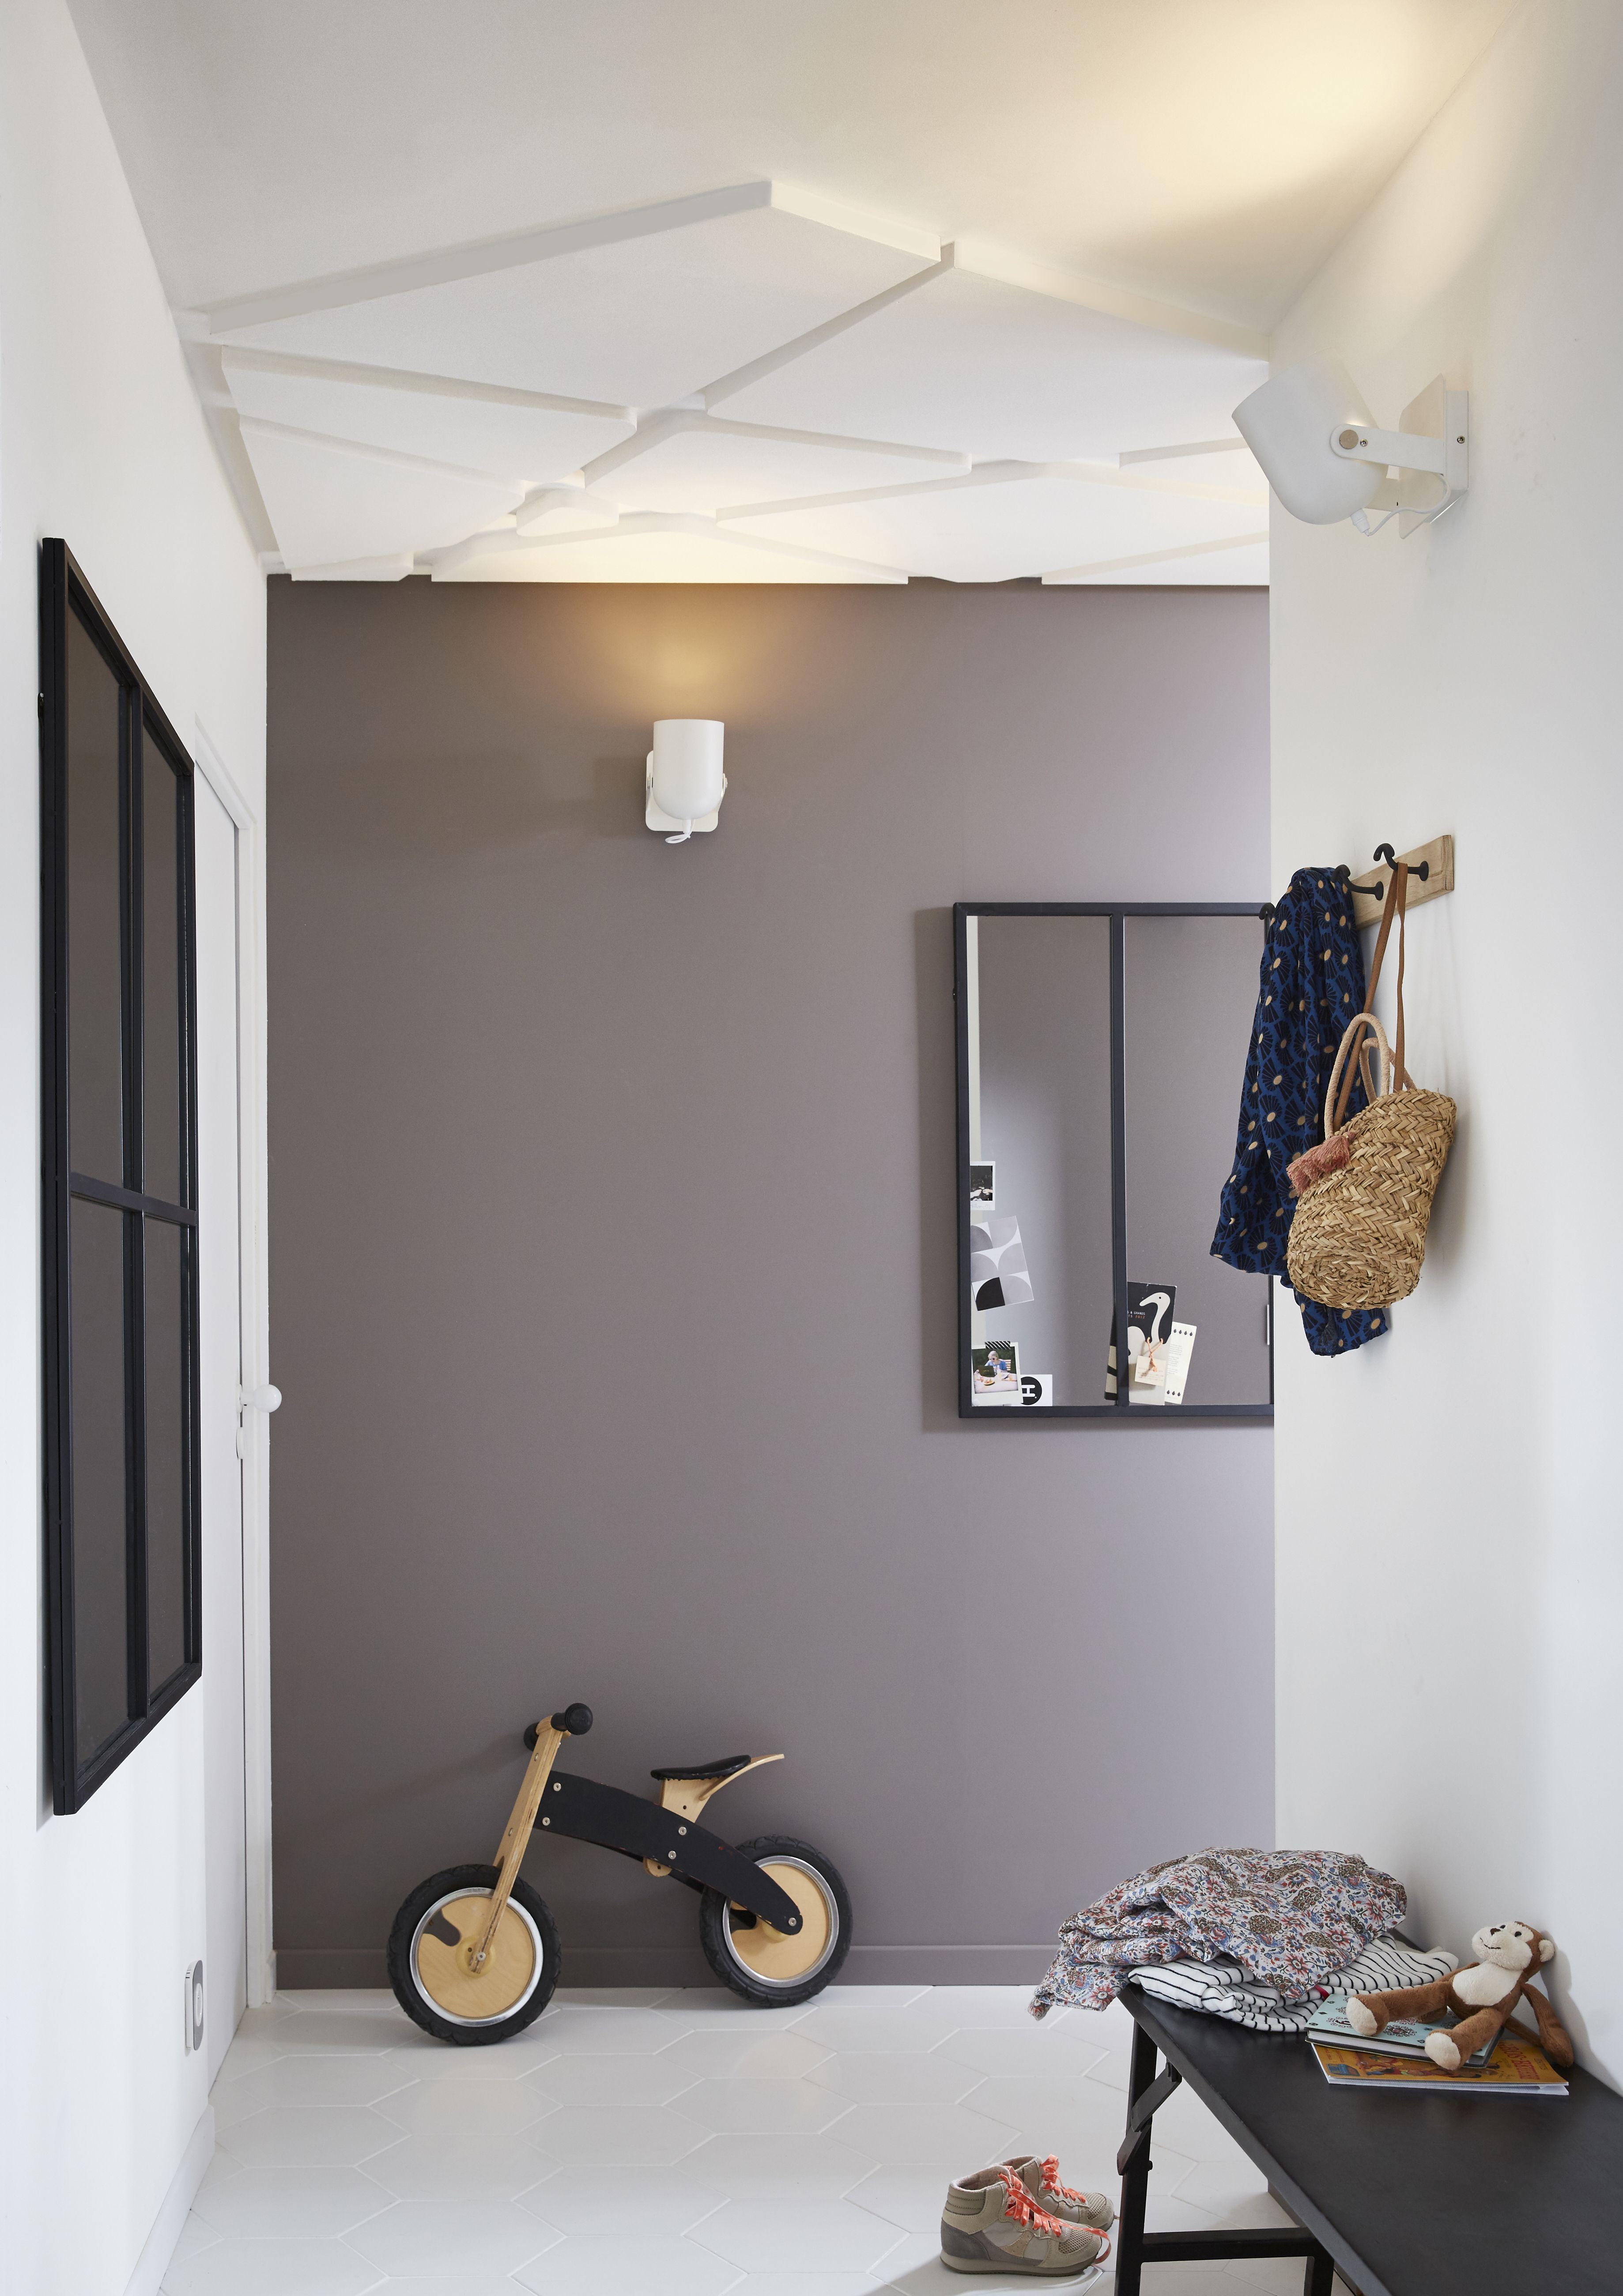 Peu exploité, le plafond peut pourtant devenir le point fort ...